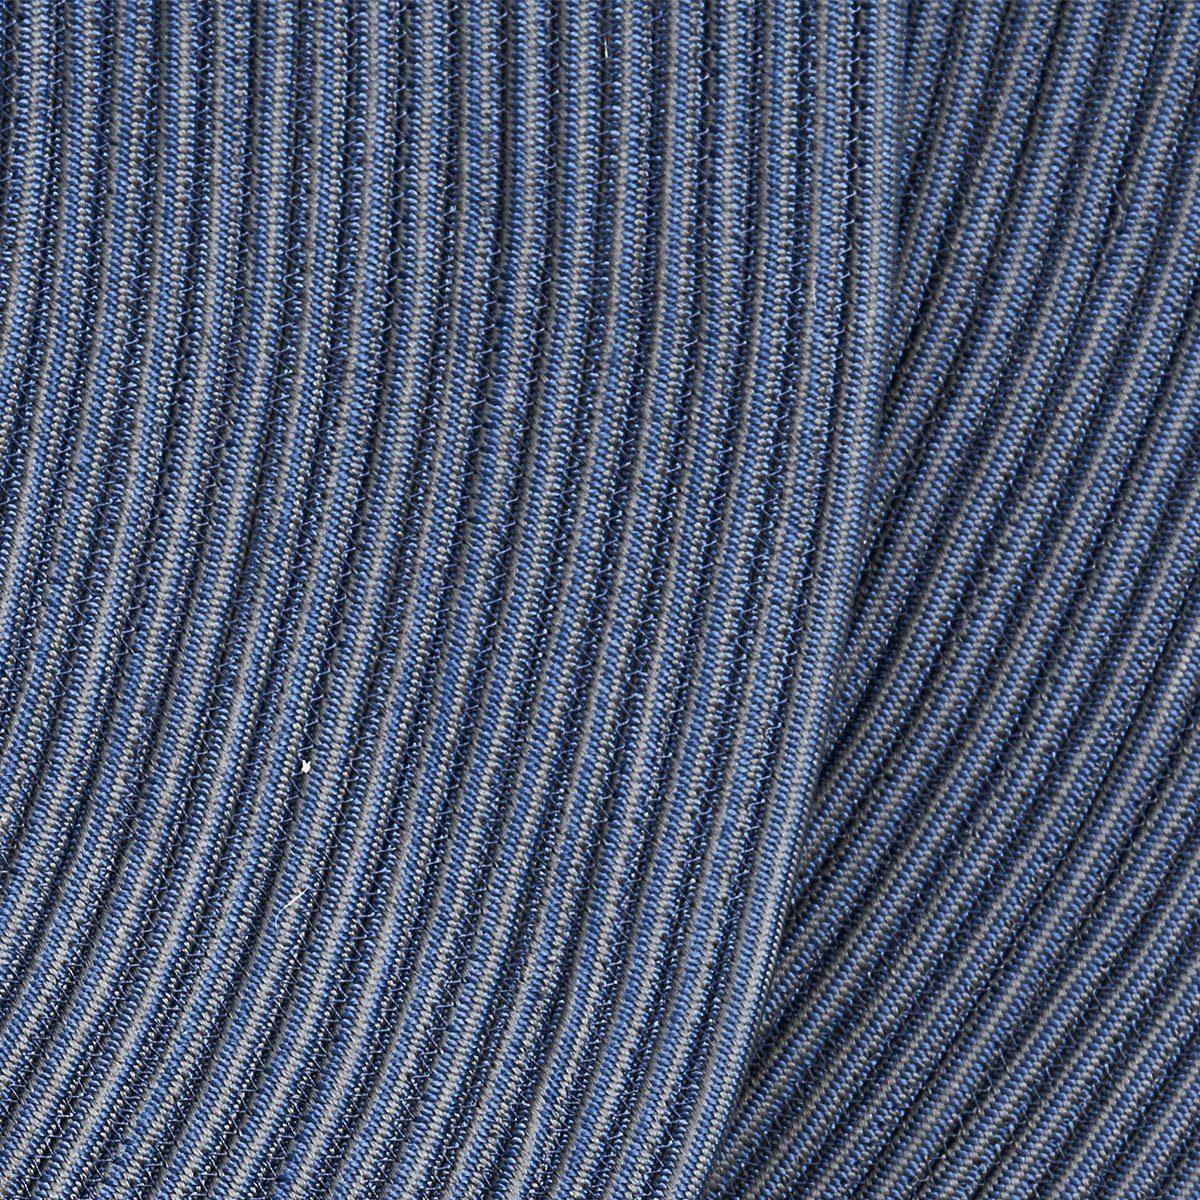 Detaljbild av Infinity matta rund i blått.